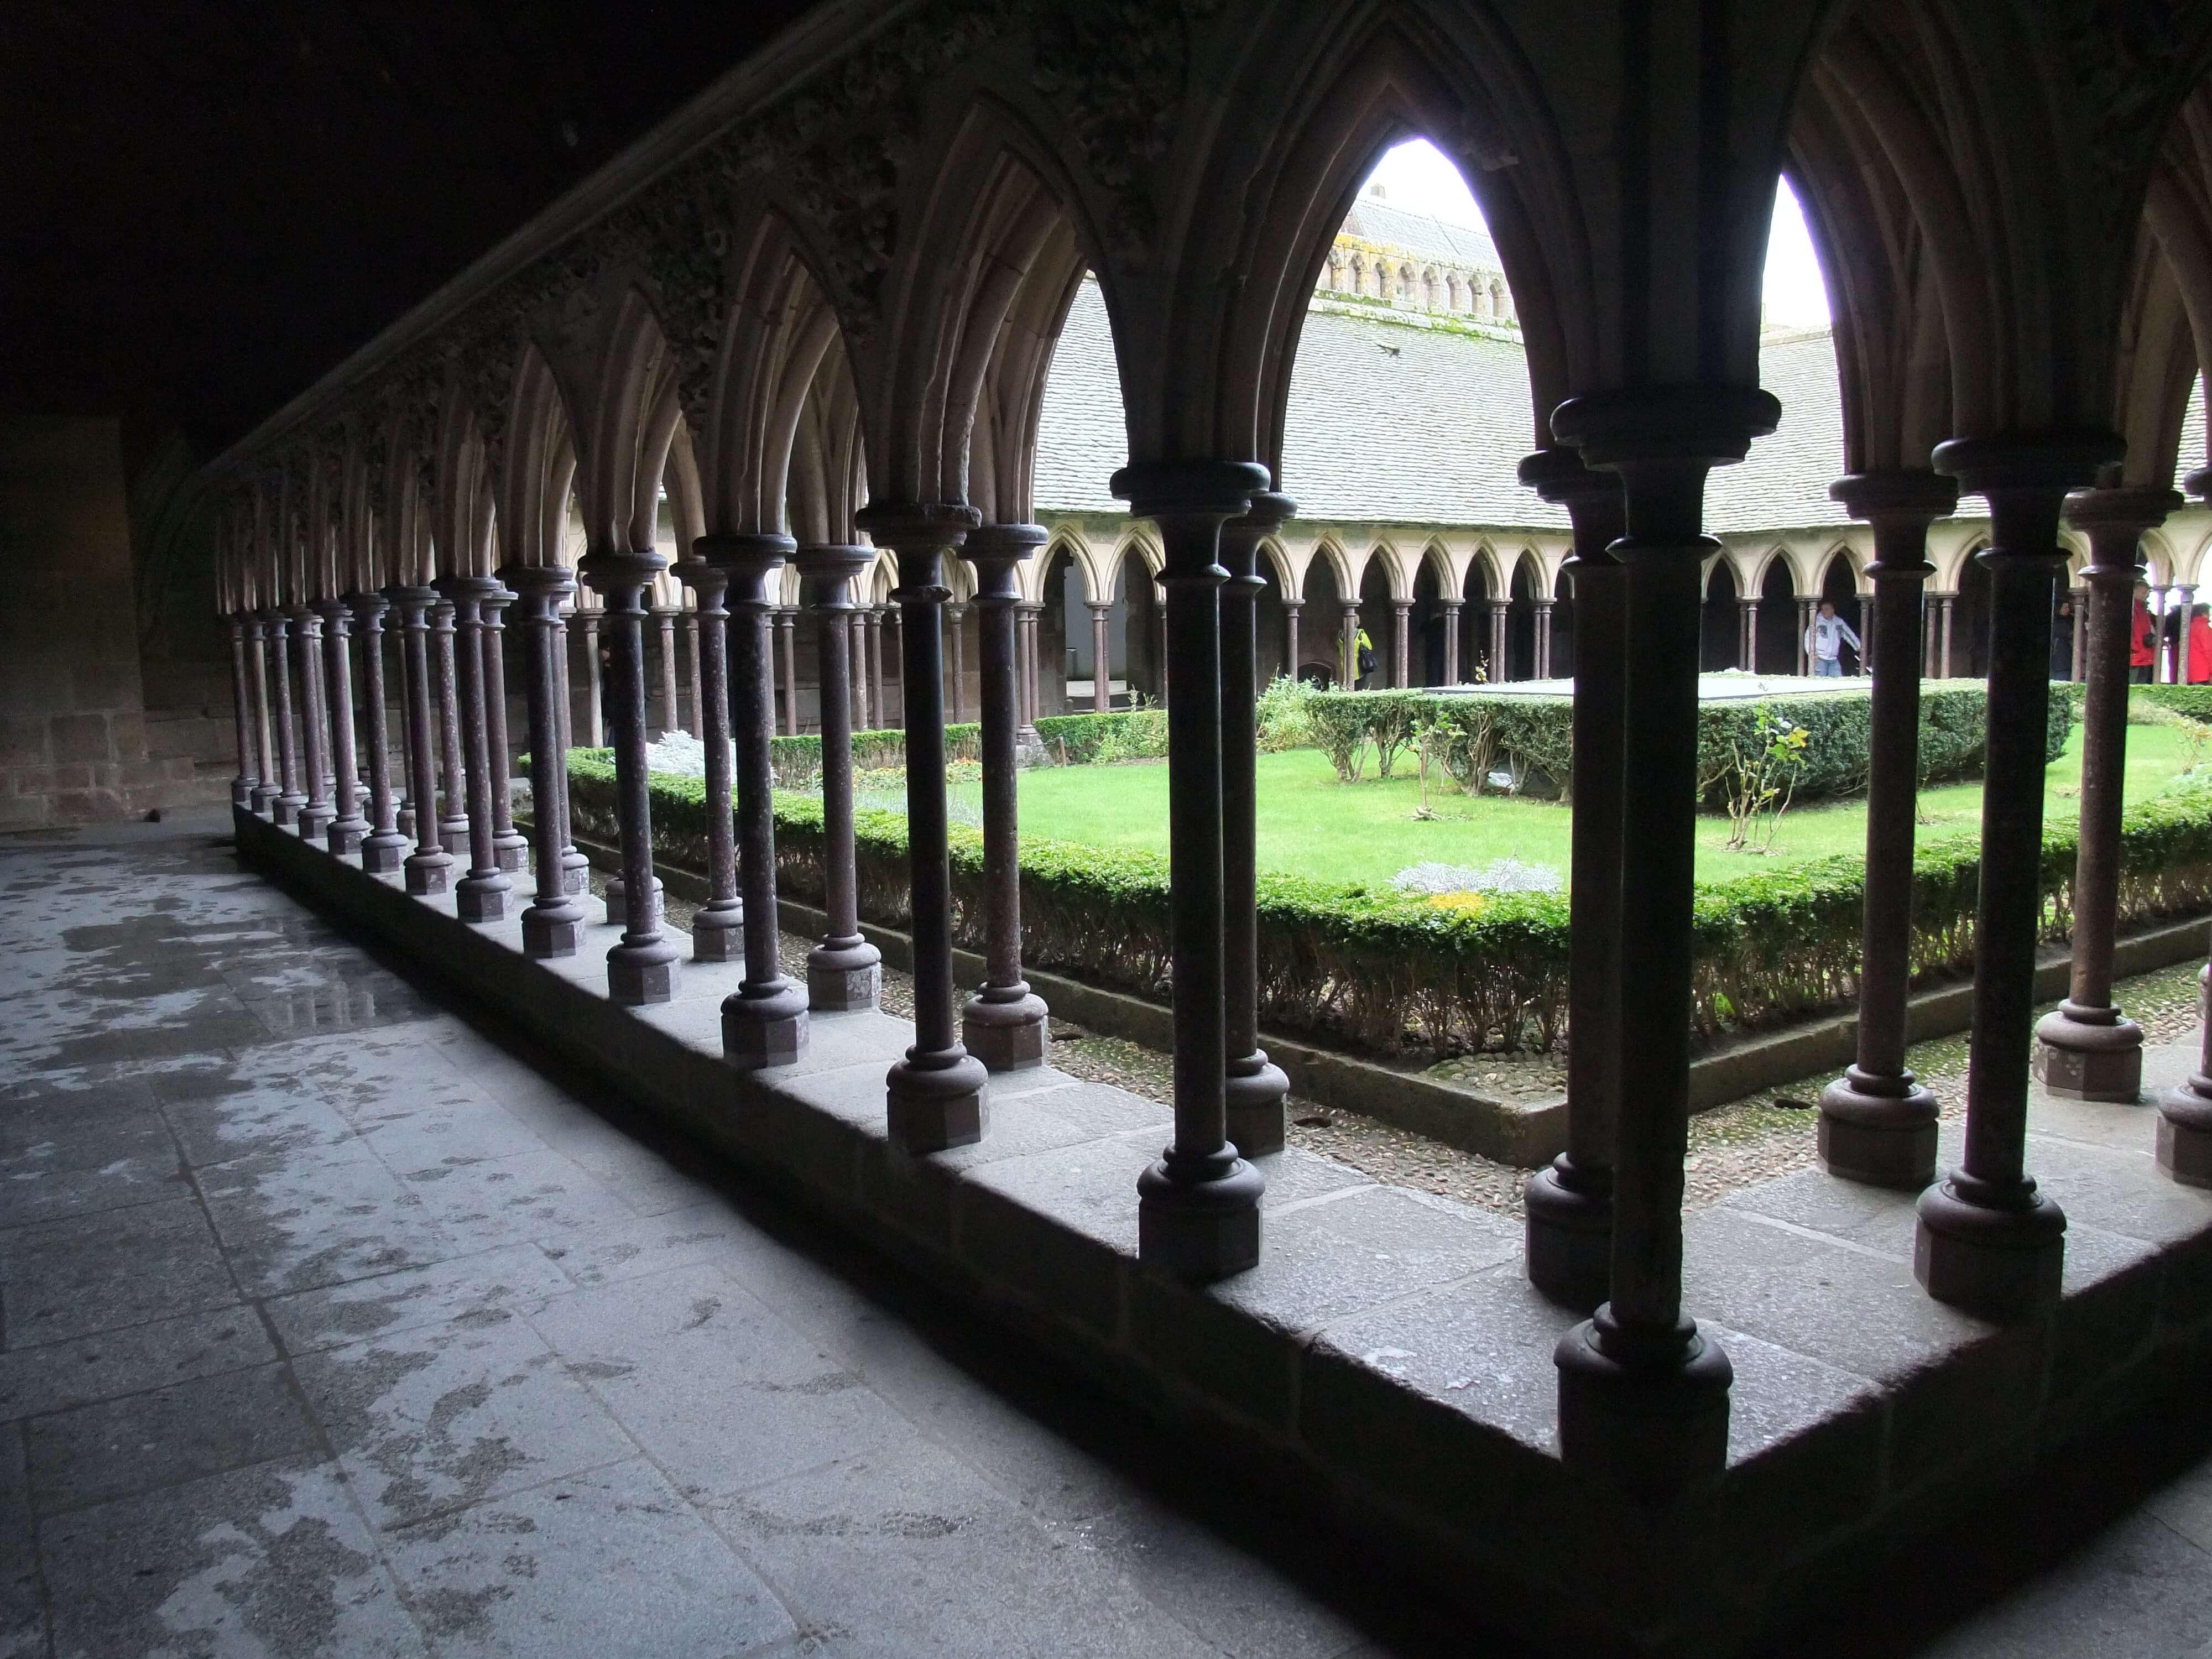 モンサンミッシェル旅行記2(修道院見学や名物オムレツなど島内の観光について)